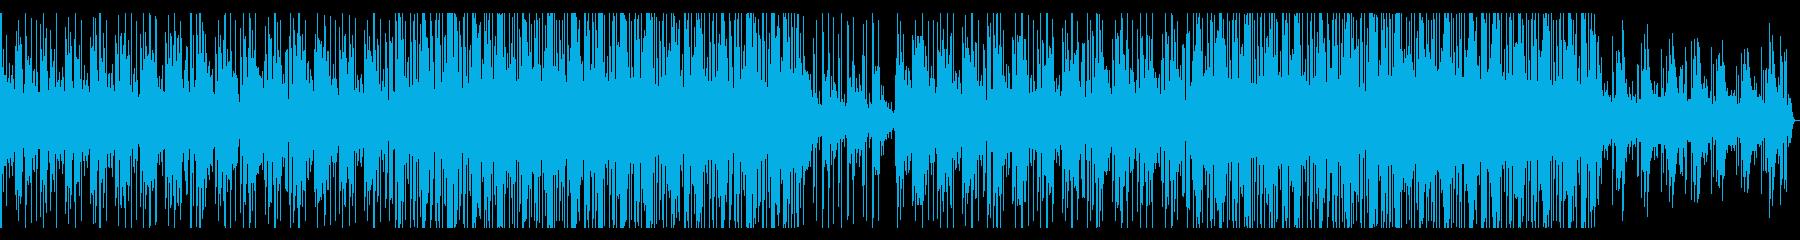 南国風HiphopTrackの再生済みの波形